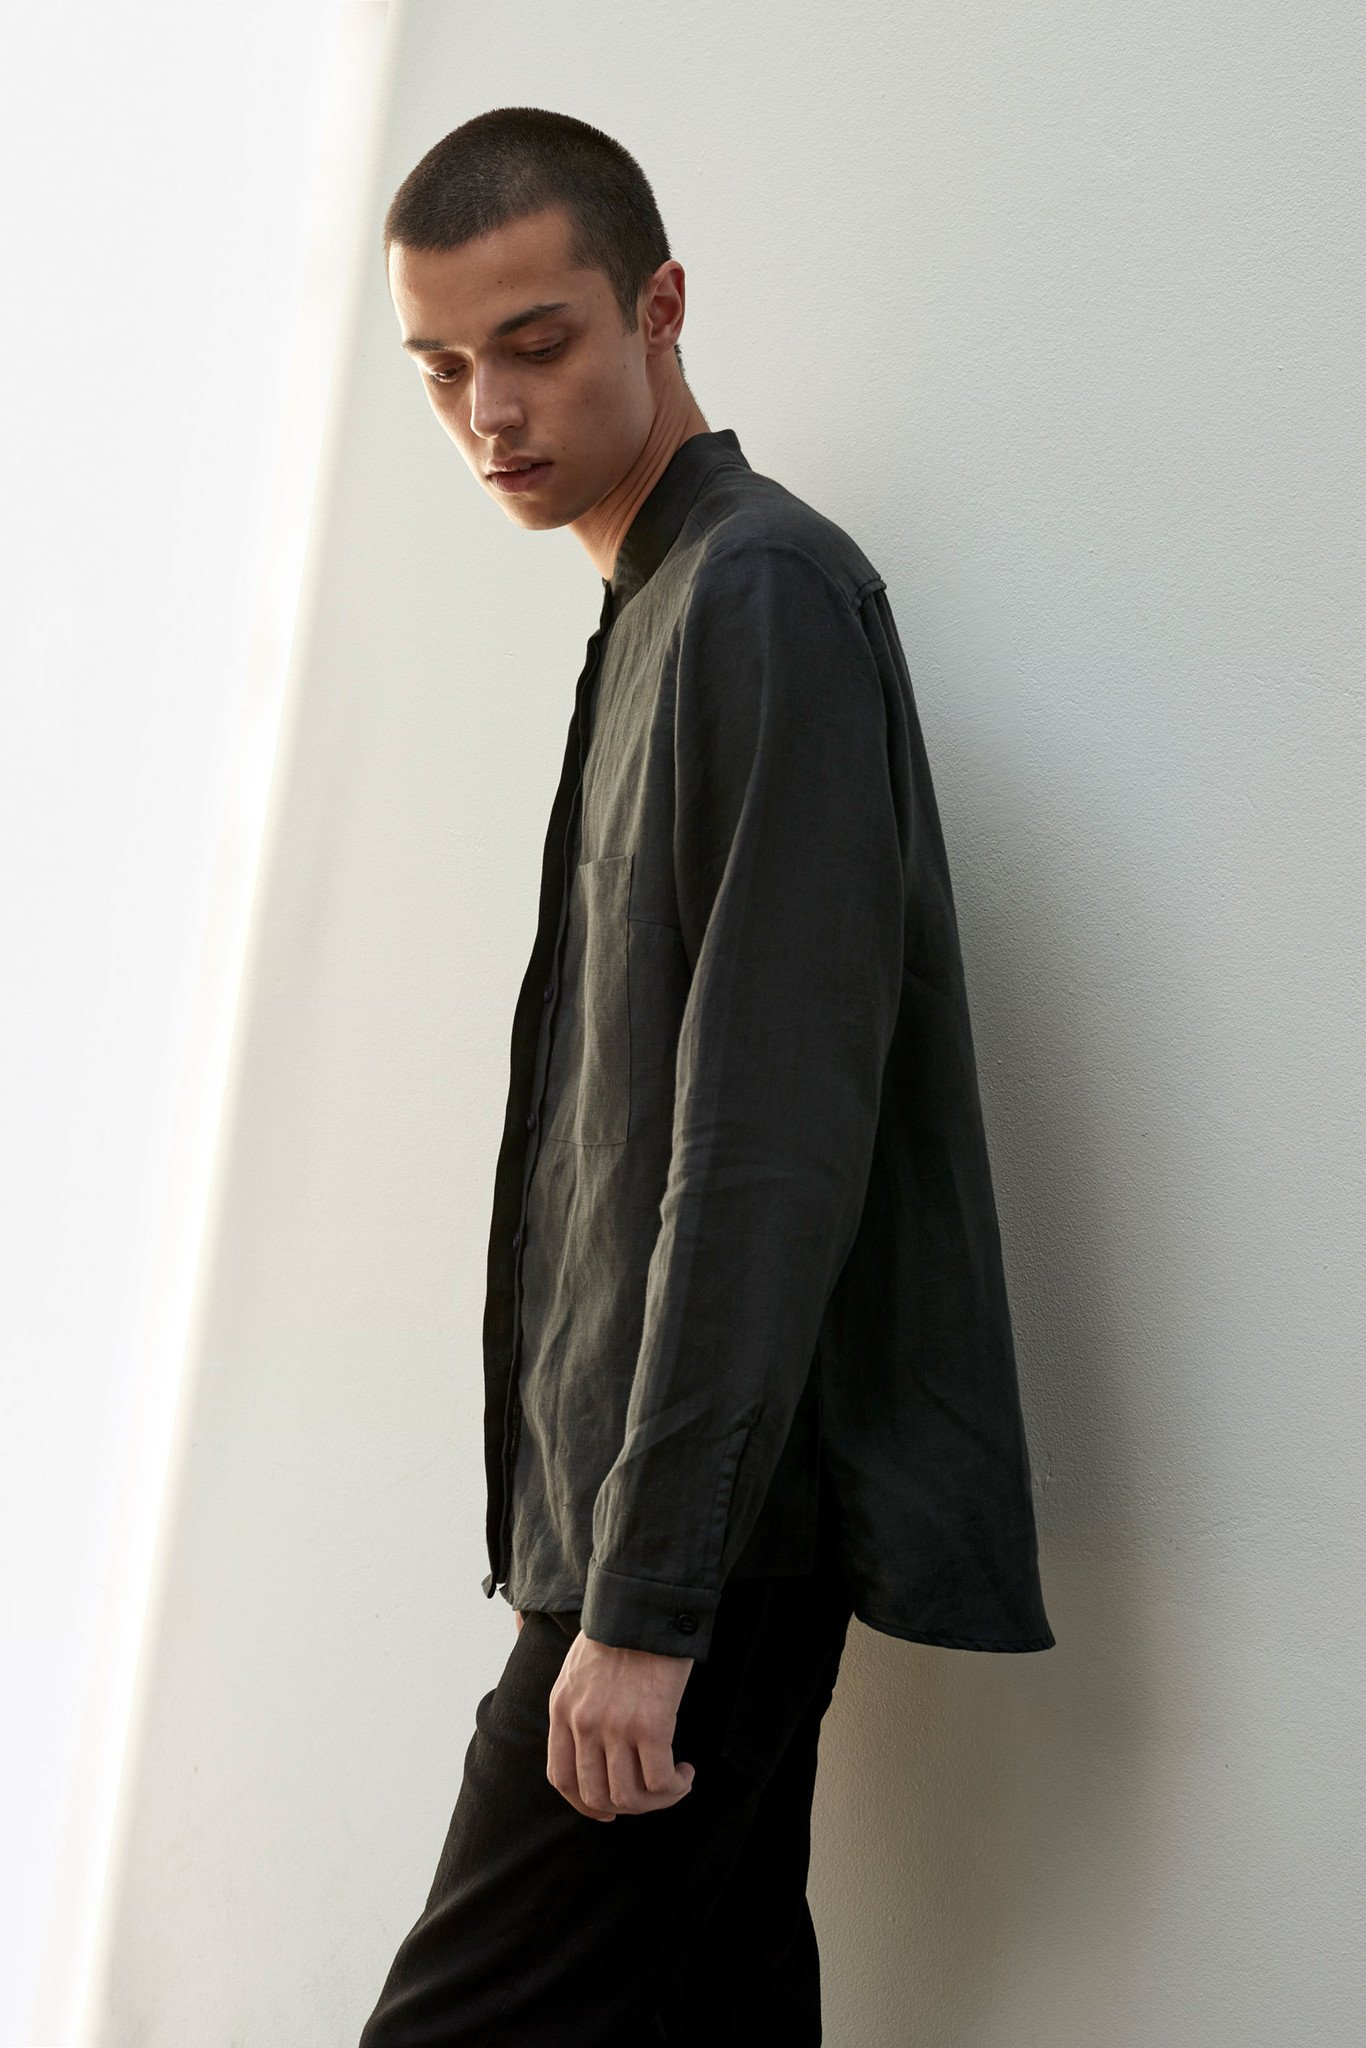 Unisex, organic linen button up shirt.